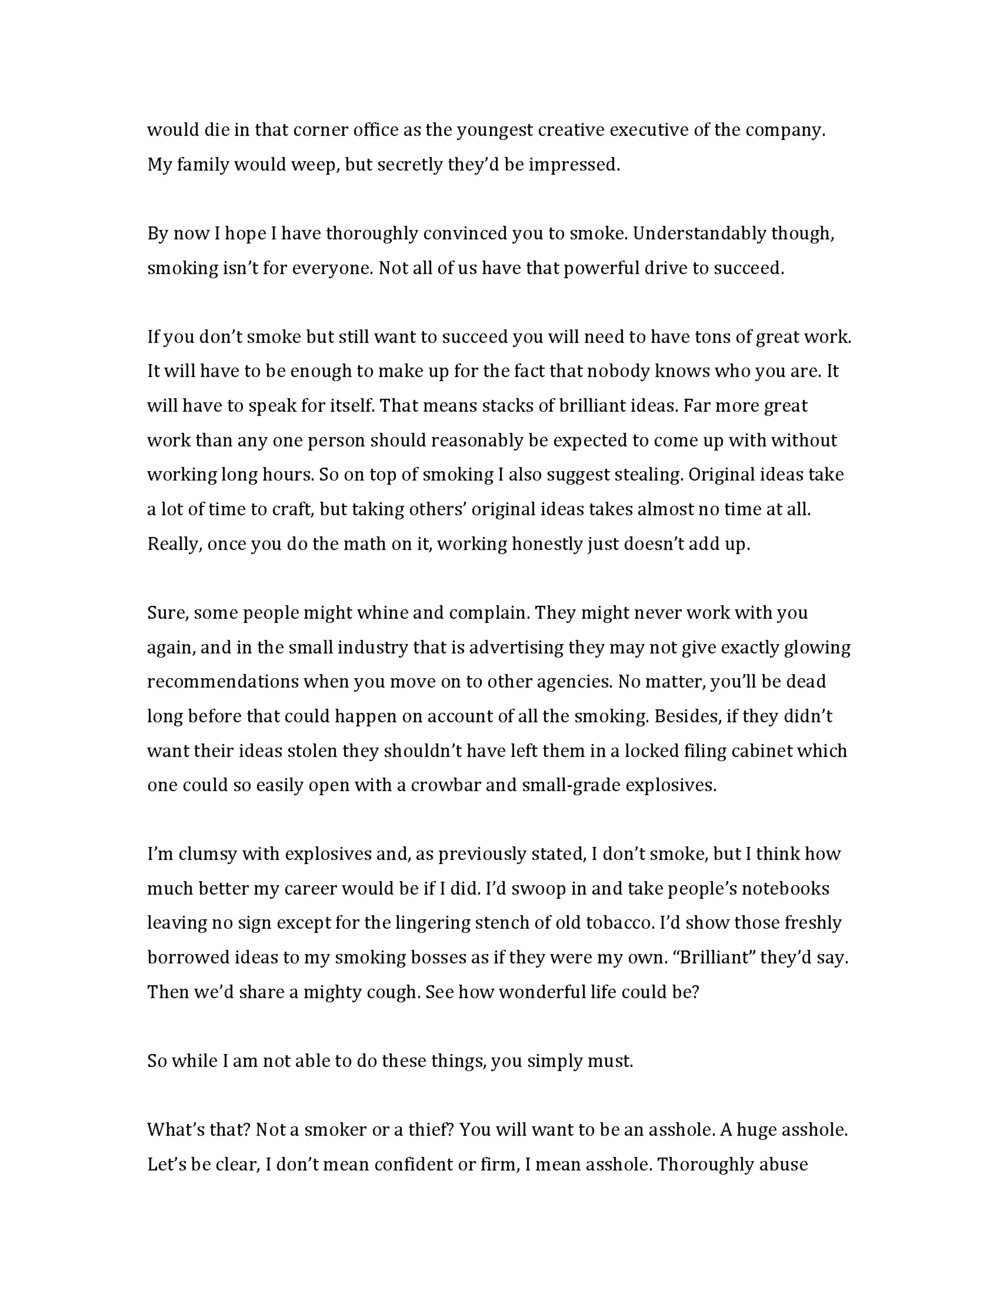 ThomasKemenyEssay3_Page_2.jpg